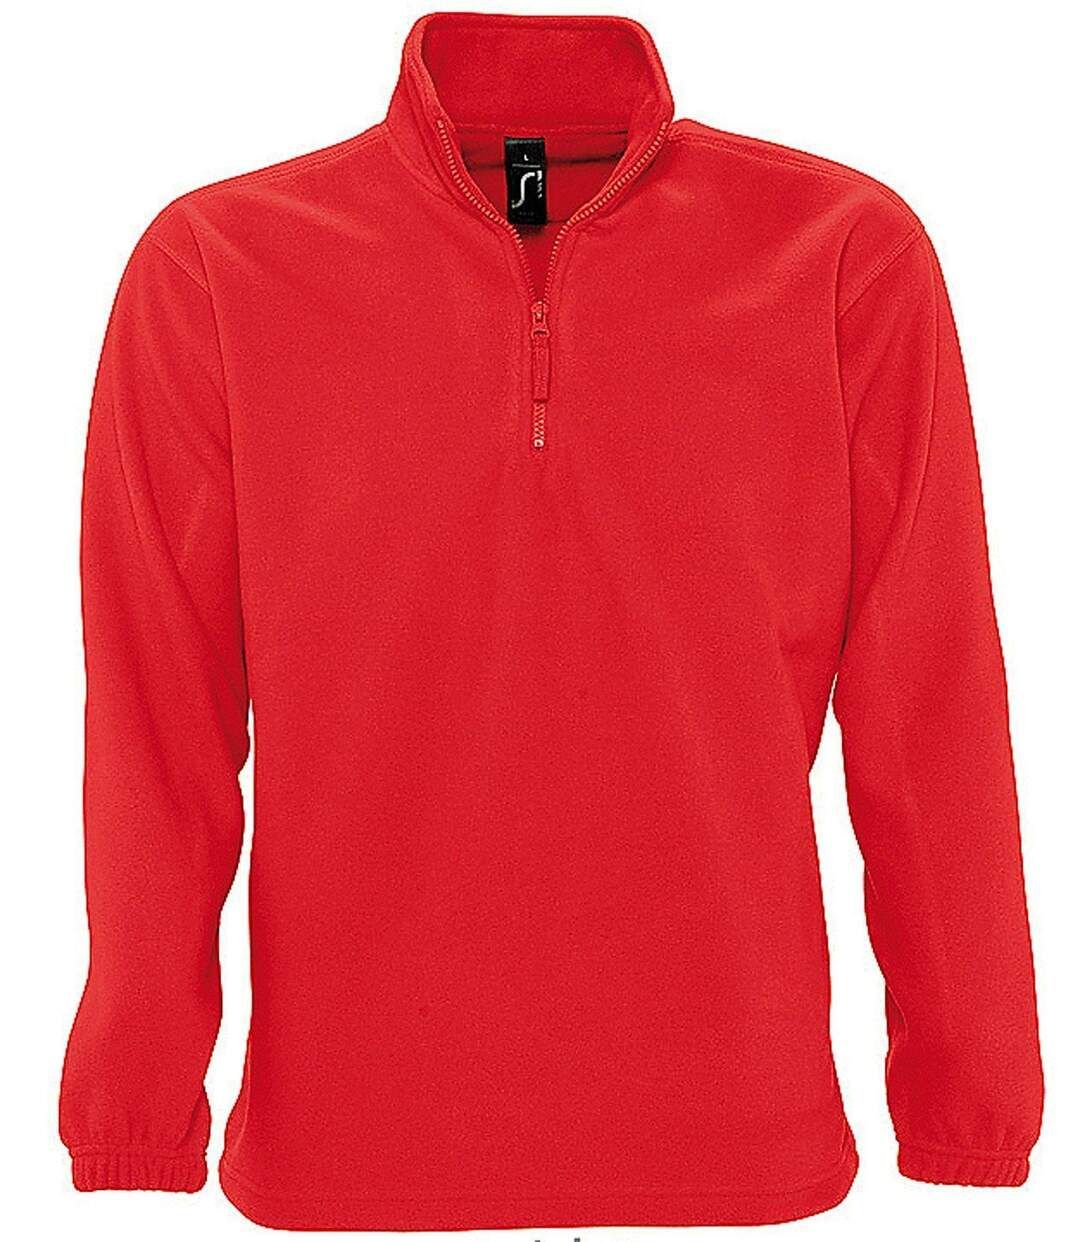 Sweat shirt polaire col zippé - 56000 - rouge